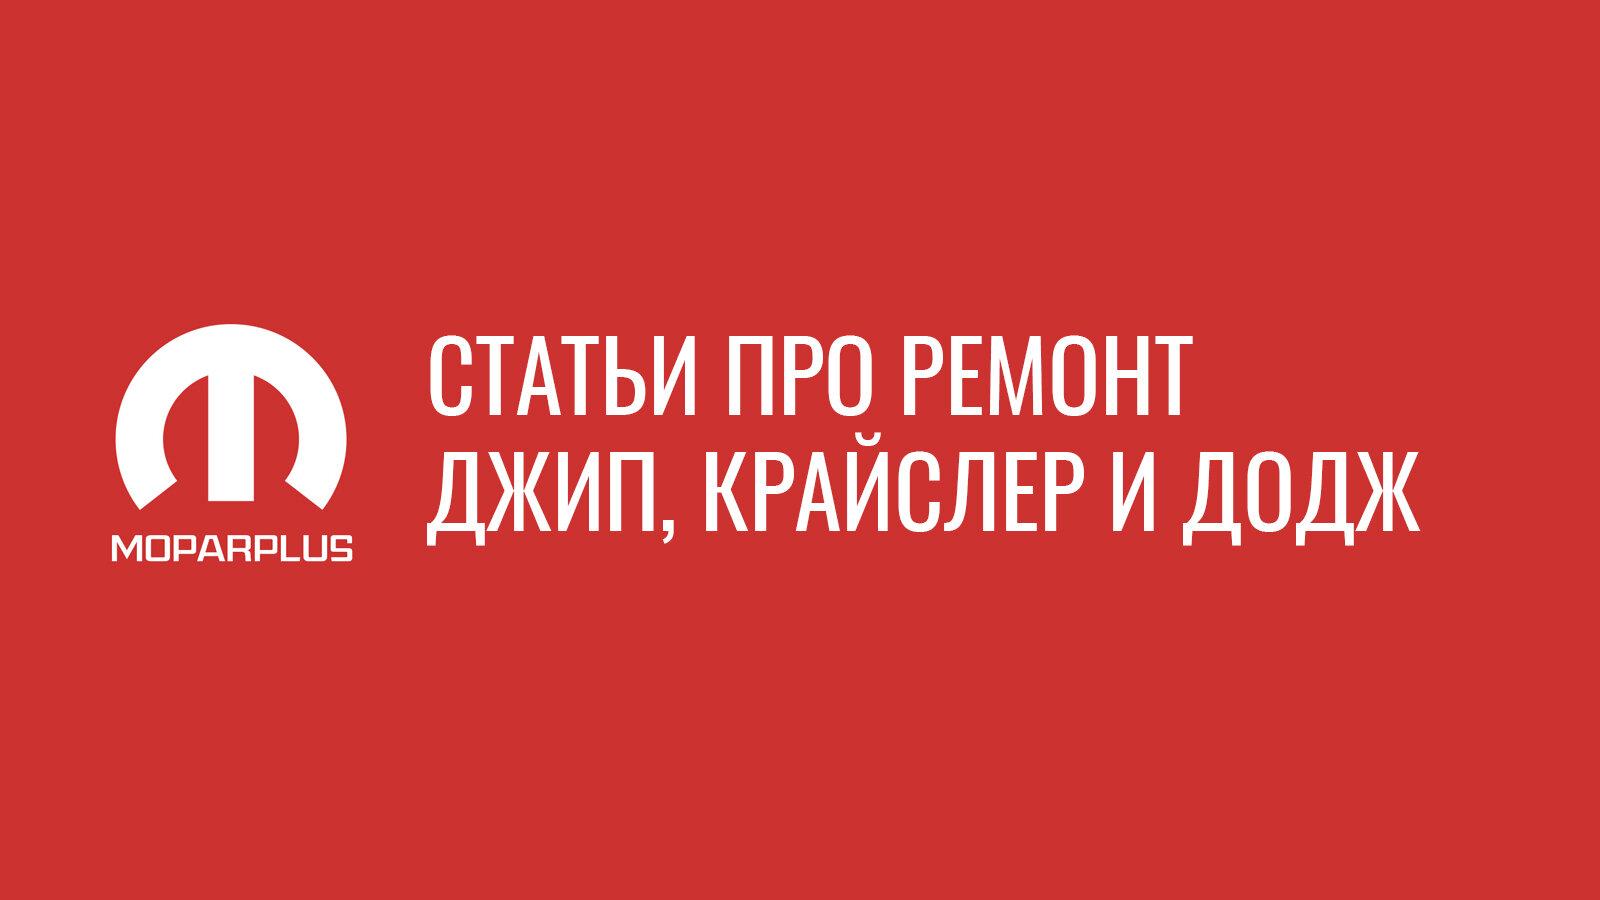 Статьи про ремонт. Выпуск №82.